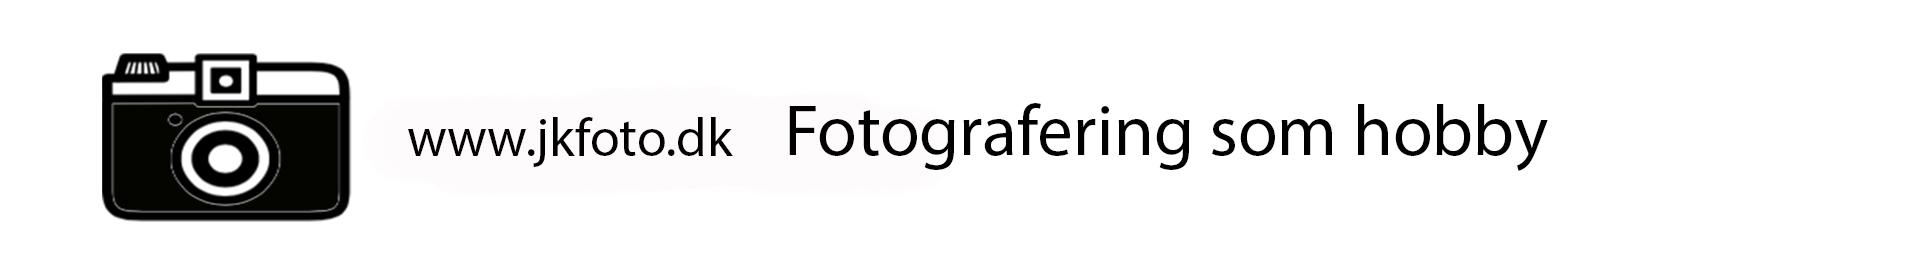 www.jkfoto.dk